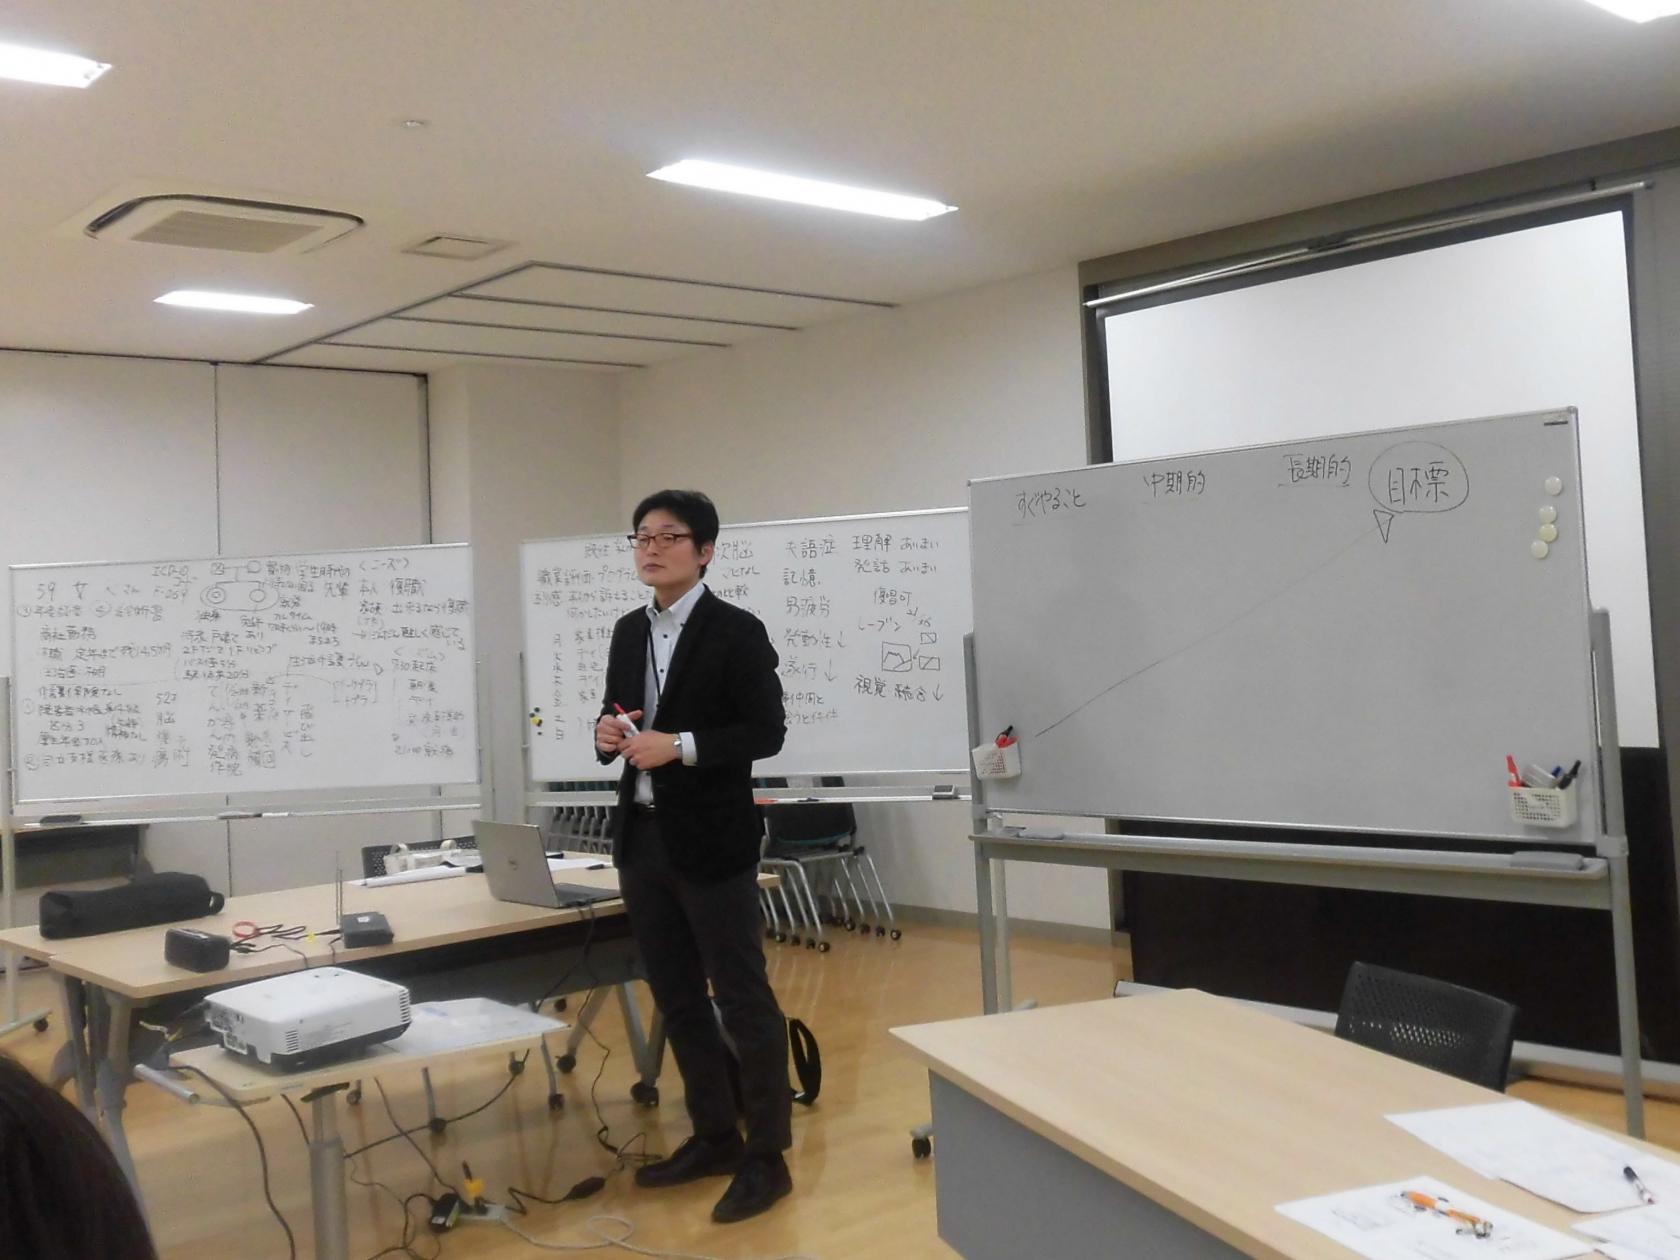 総合相談支援センターから「高次脳機能障害支援について考える 事例検討会in藤沢」を開催しました。